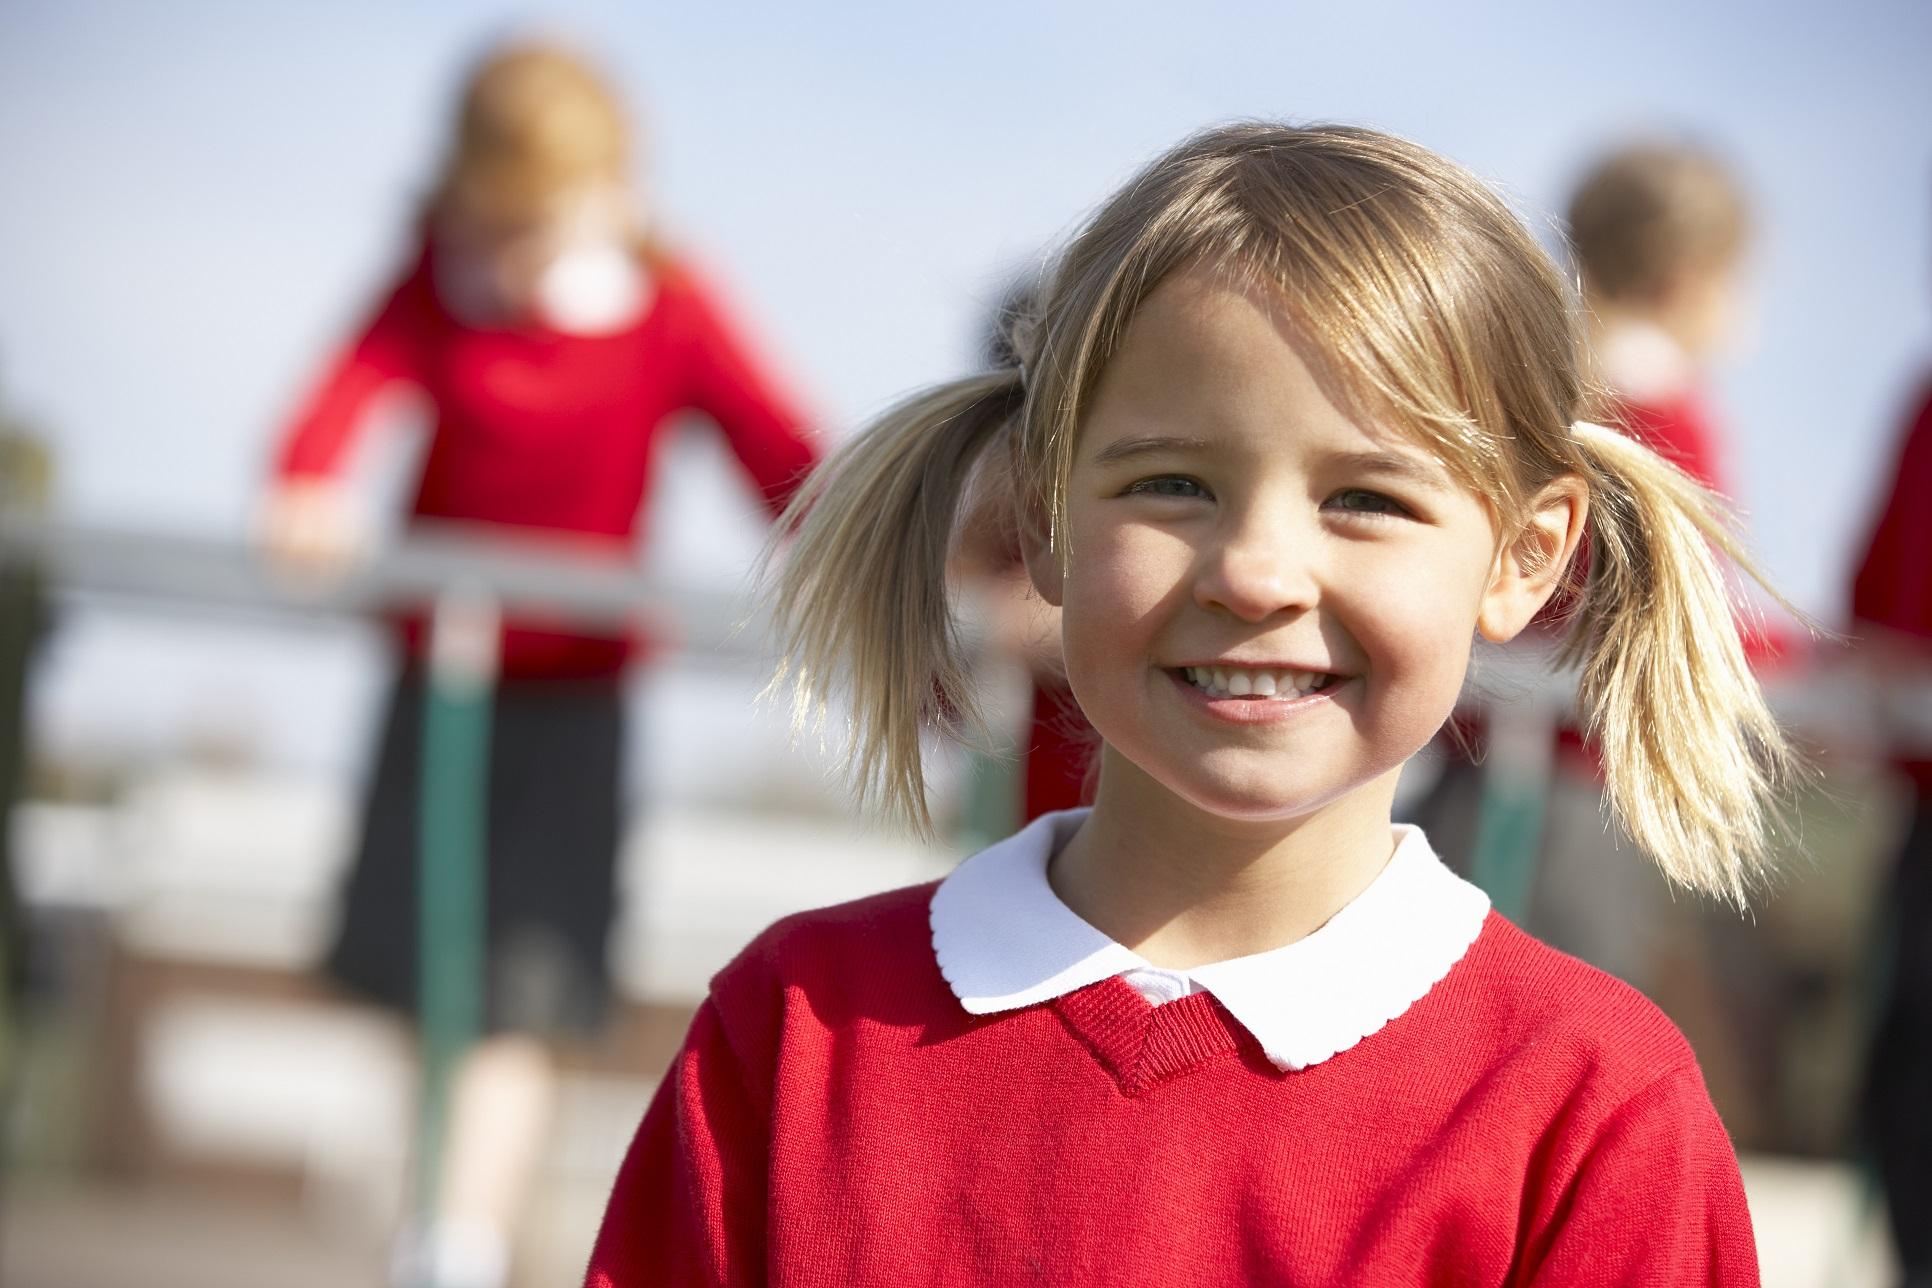 smiling girl in school uniform